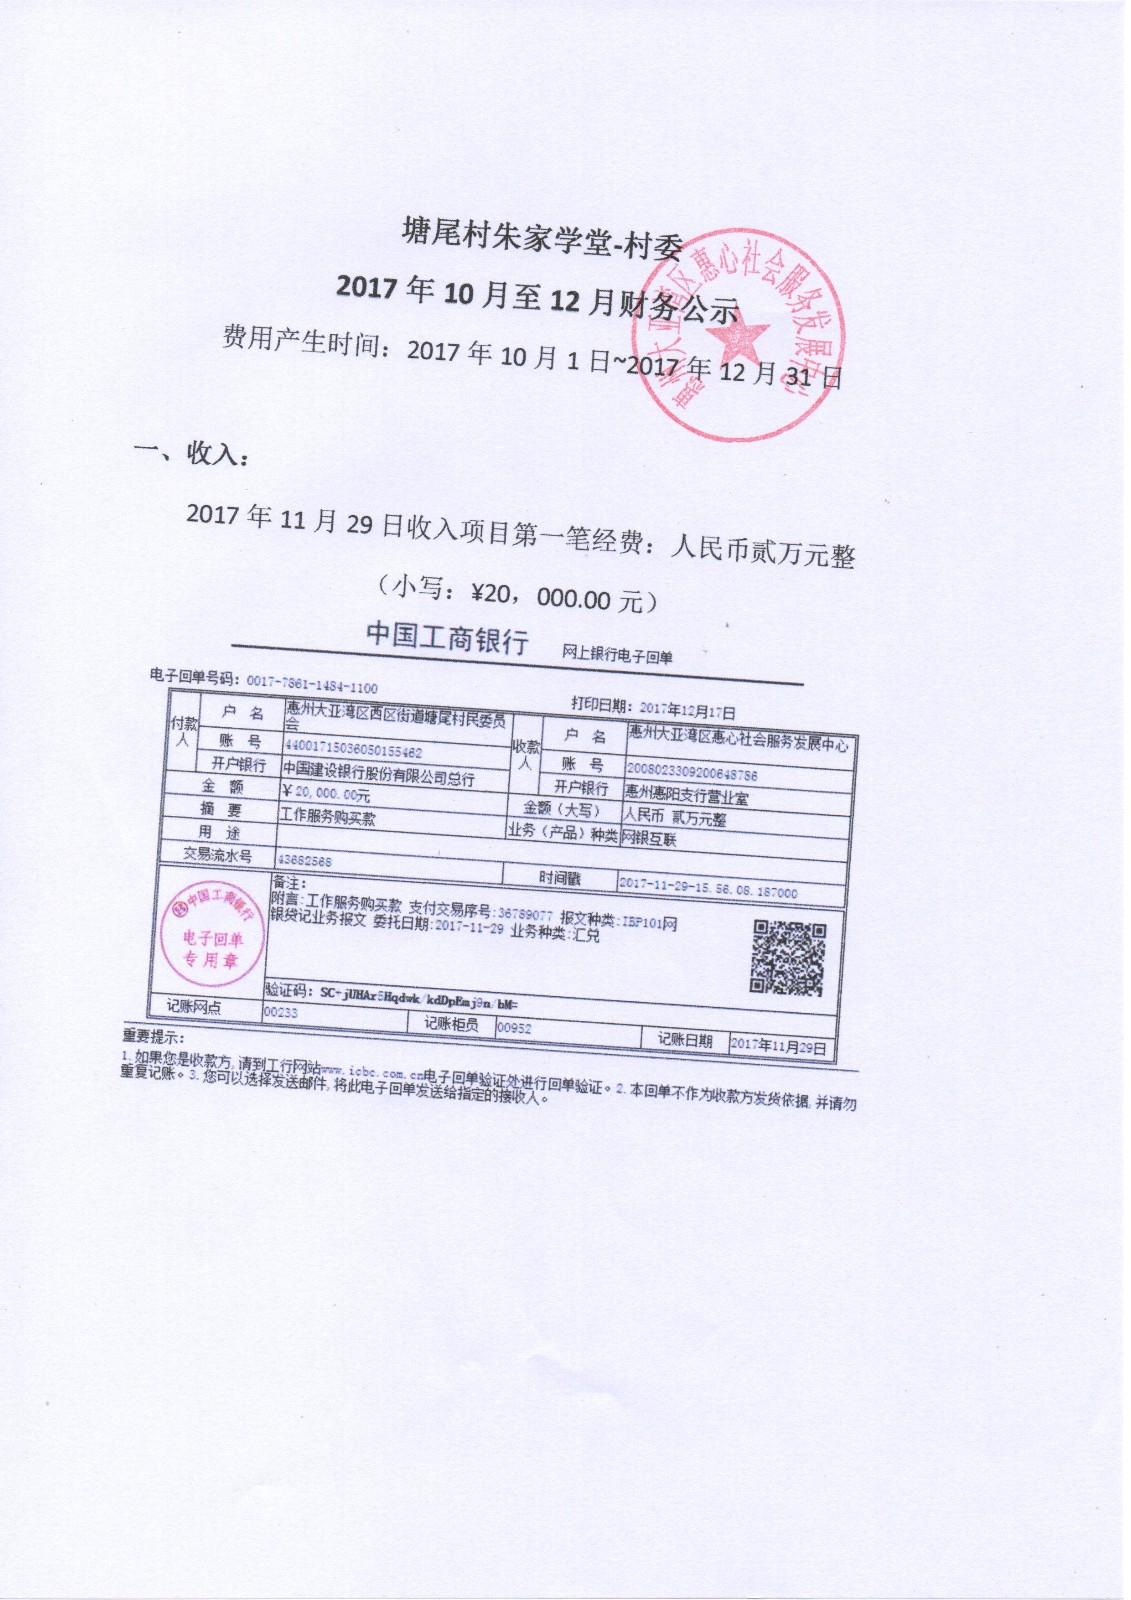 朱子学堂财务公示村委第一季度 公告栏-网赌ag作弊器 官网